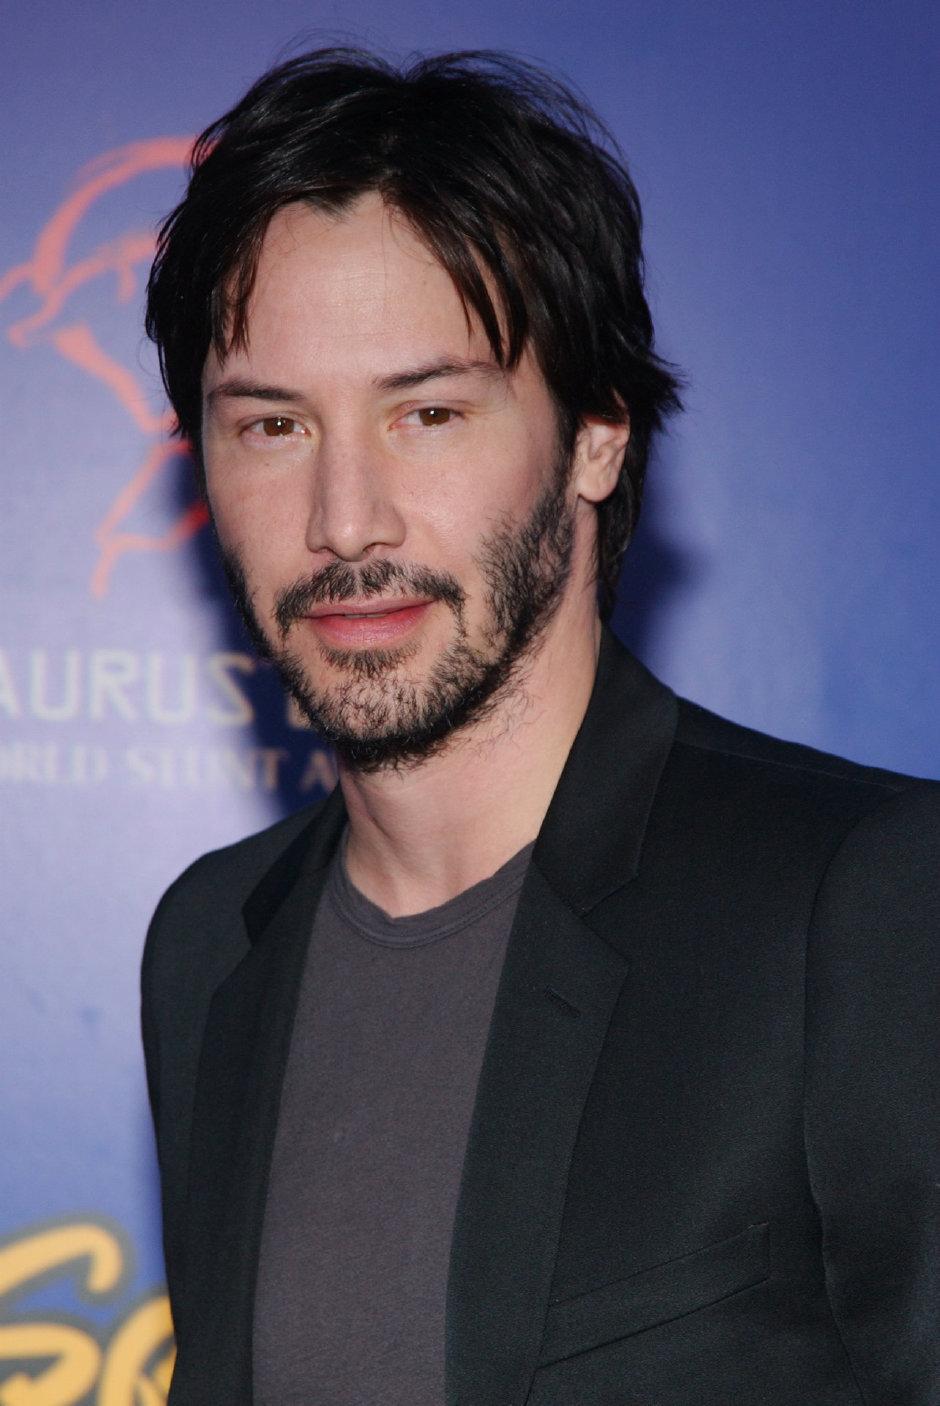 Geçmişten Bugüne Keanu Reeves'in Saç&Sakal Dönüşümü